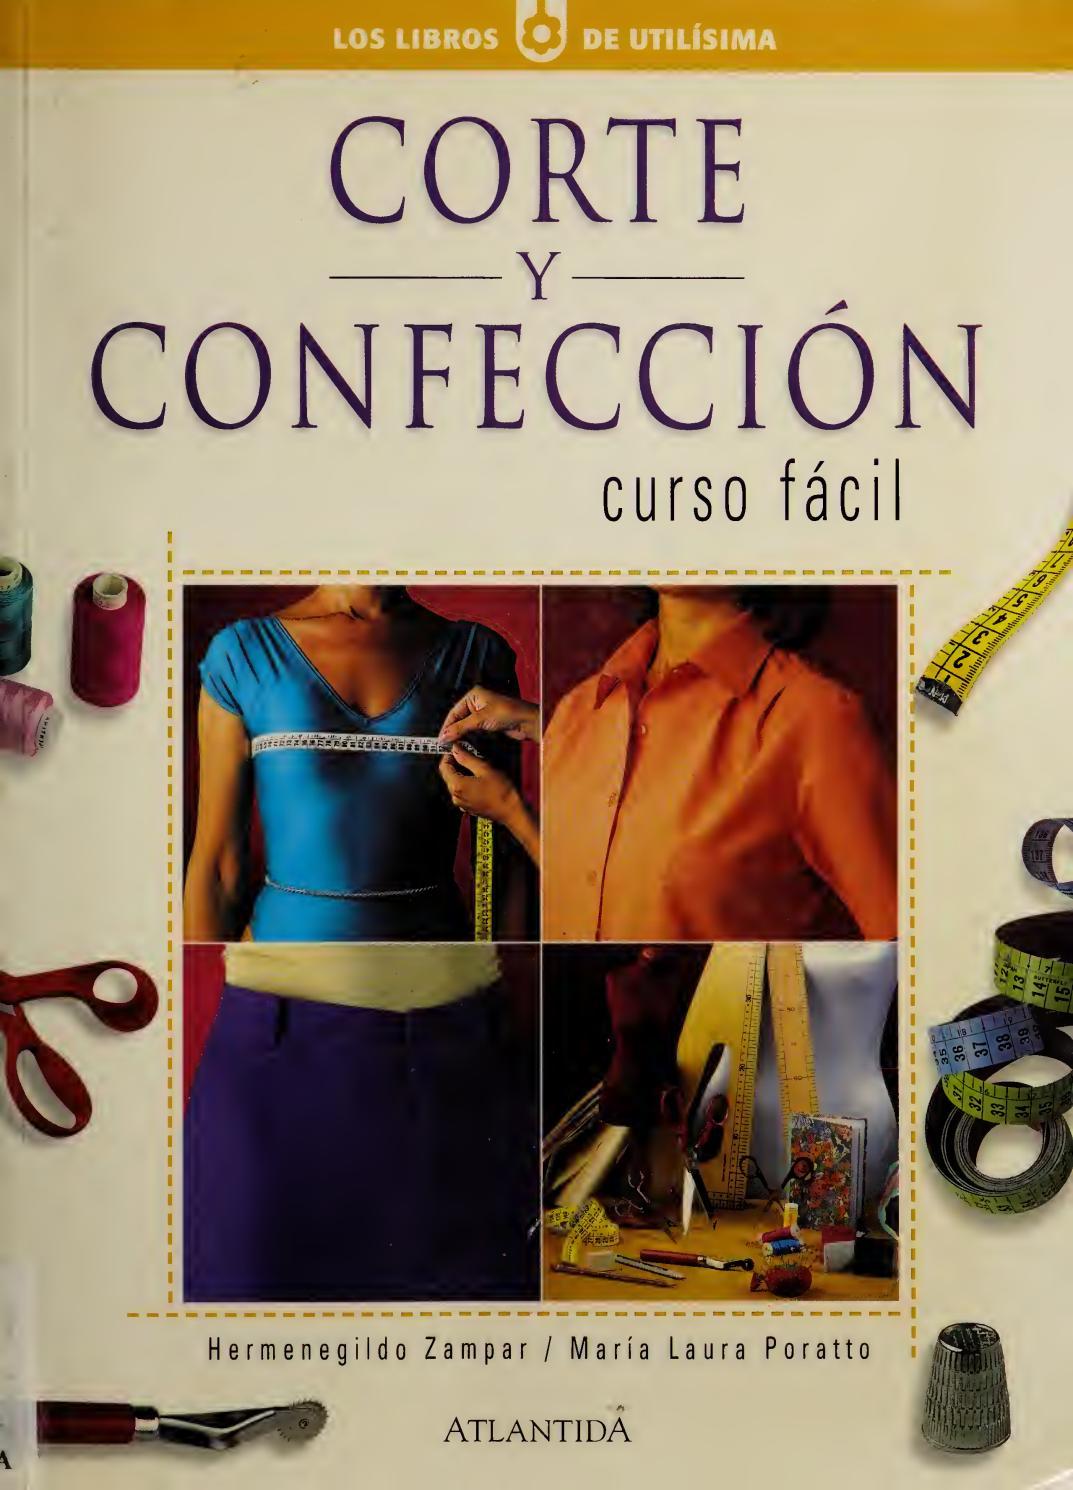 cfe765ec2 Corte y confección by yeye8212 - issuu